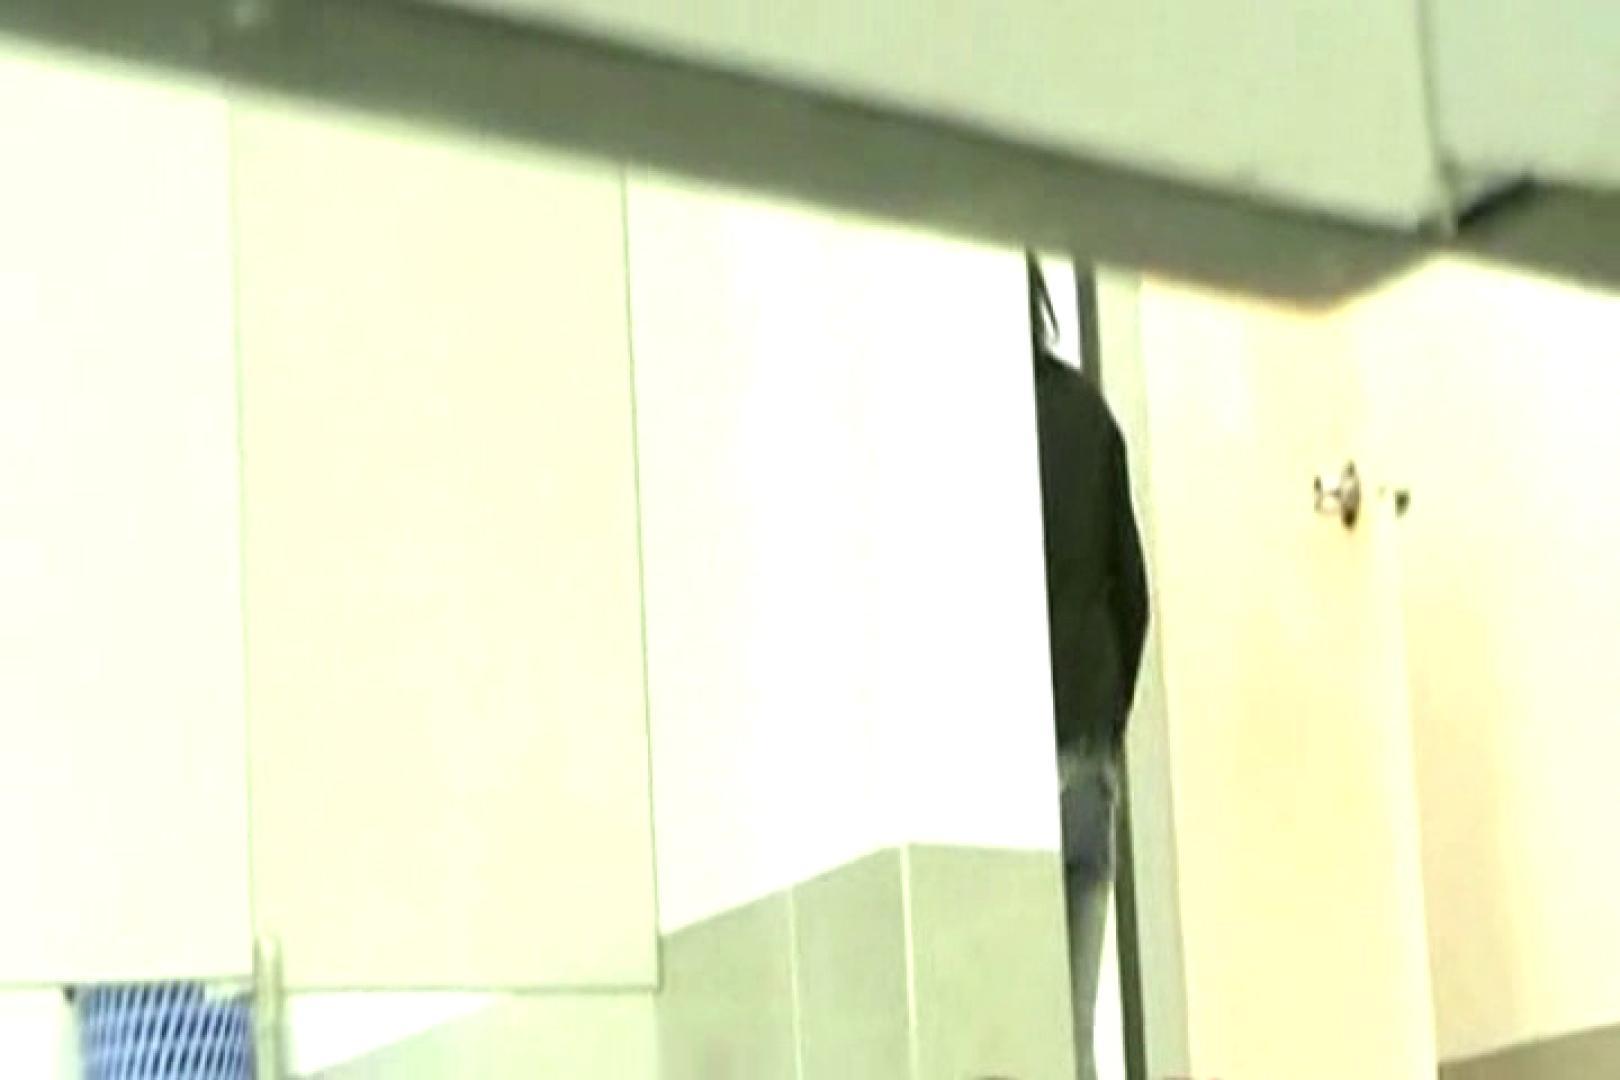 ぼっとん洗面所スペシャルVol.2 美しいOLの裸体 ワレメ無修正動画無料 106pic 94